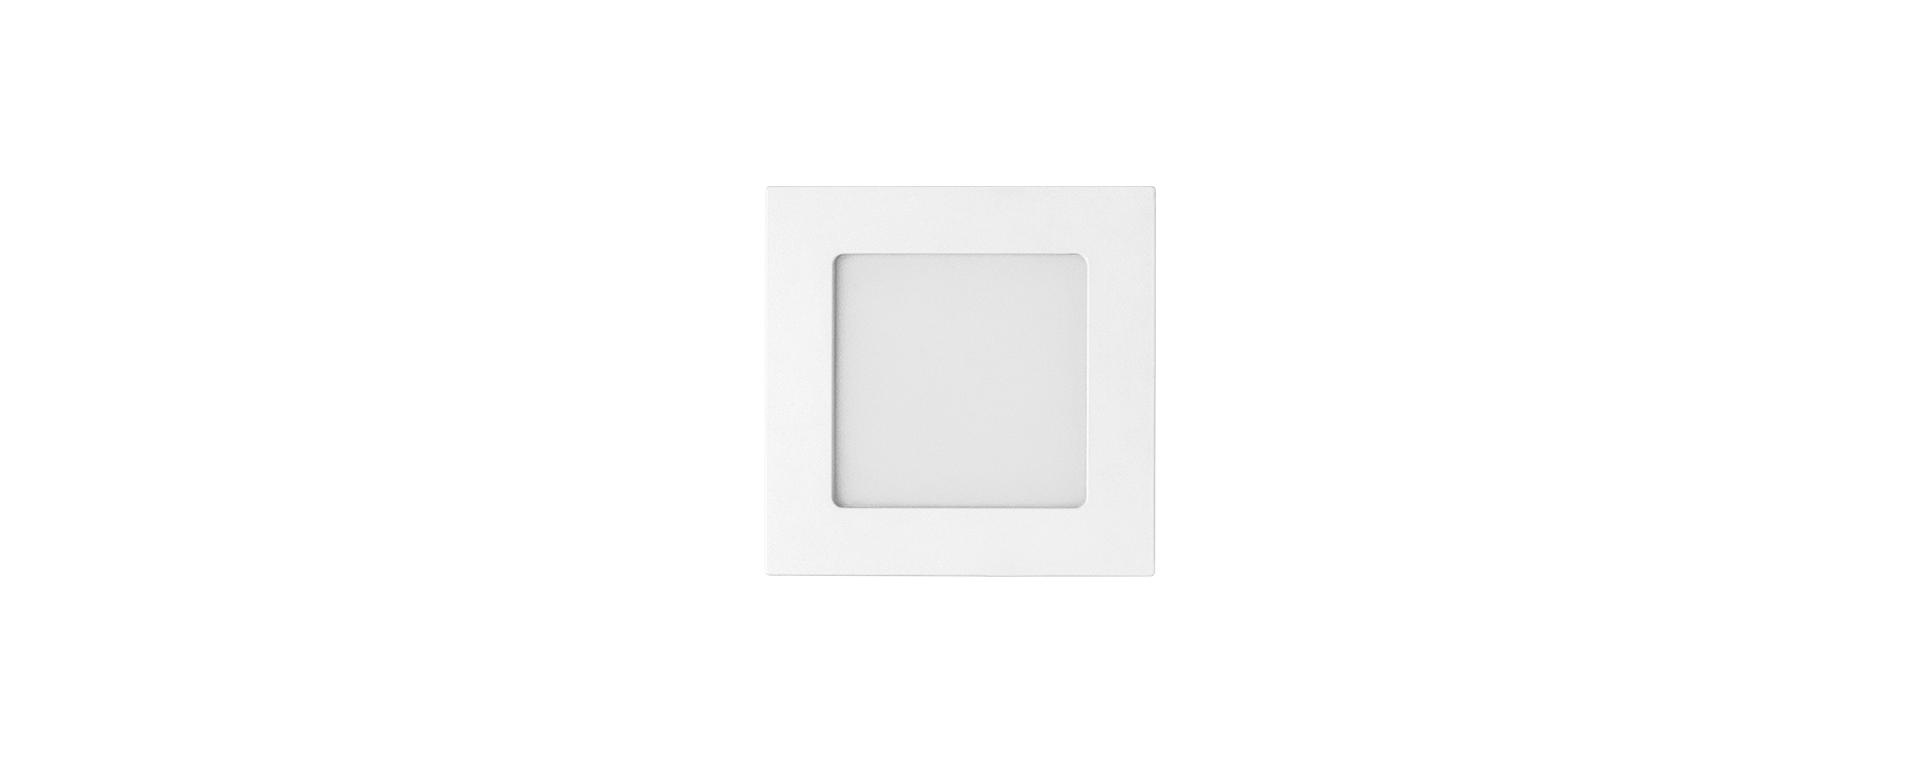 Painel de Embutir Quadrado LED 6W 4000K Bivolt STH9951Q/40 - Stella Design